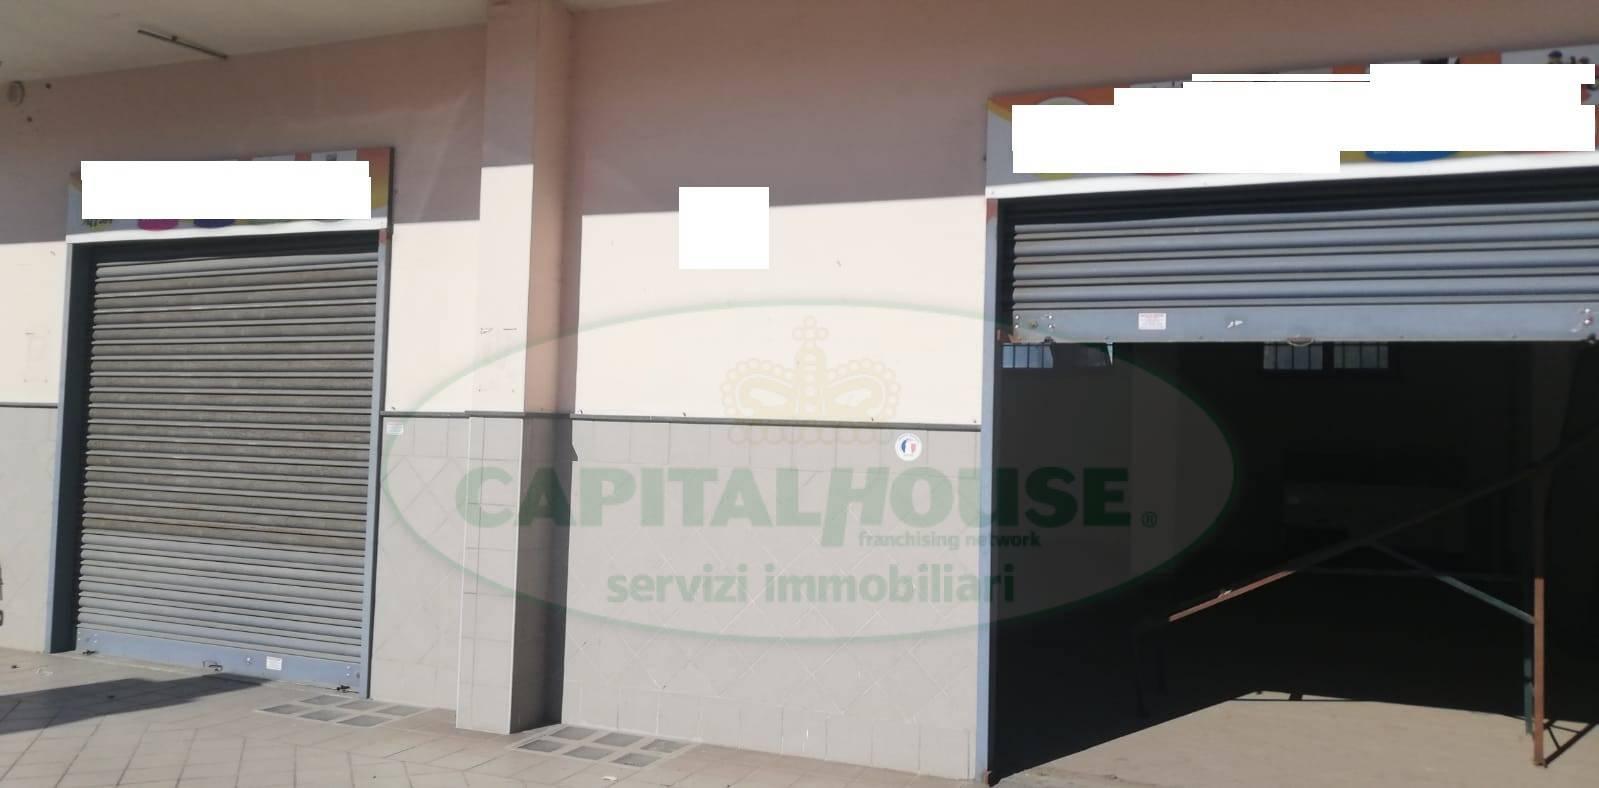 Negozio / Locale in affitto a Marigliano, 9999 locali, prezzo € 650 | CambioCasa.it